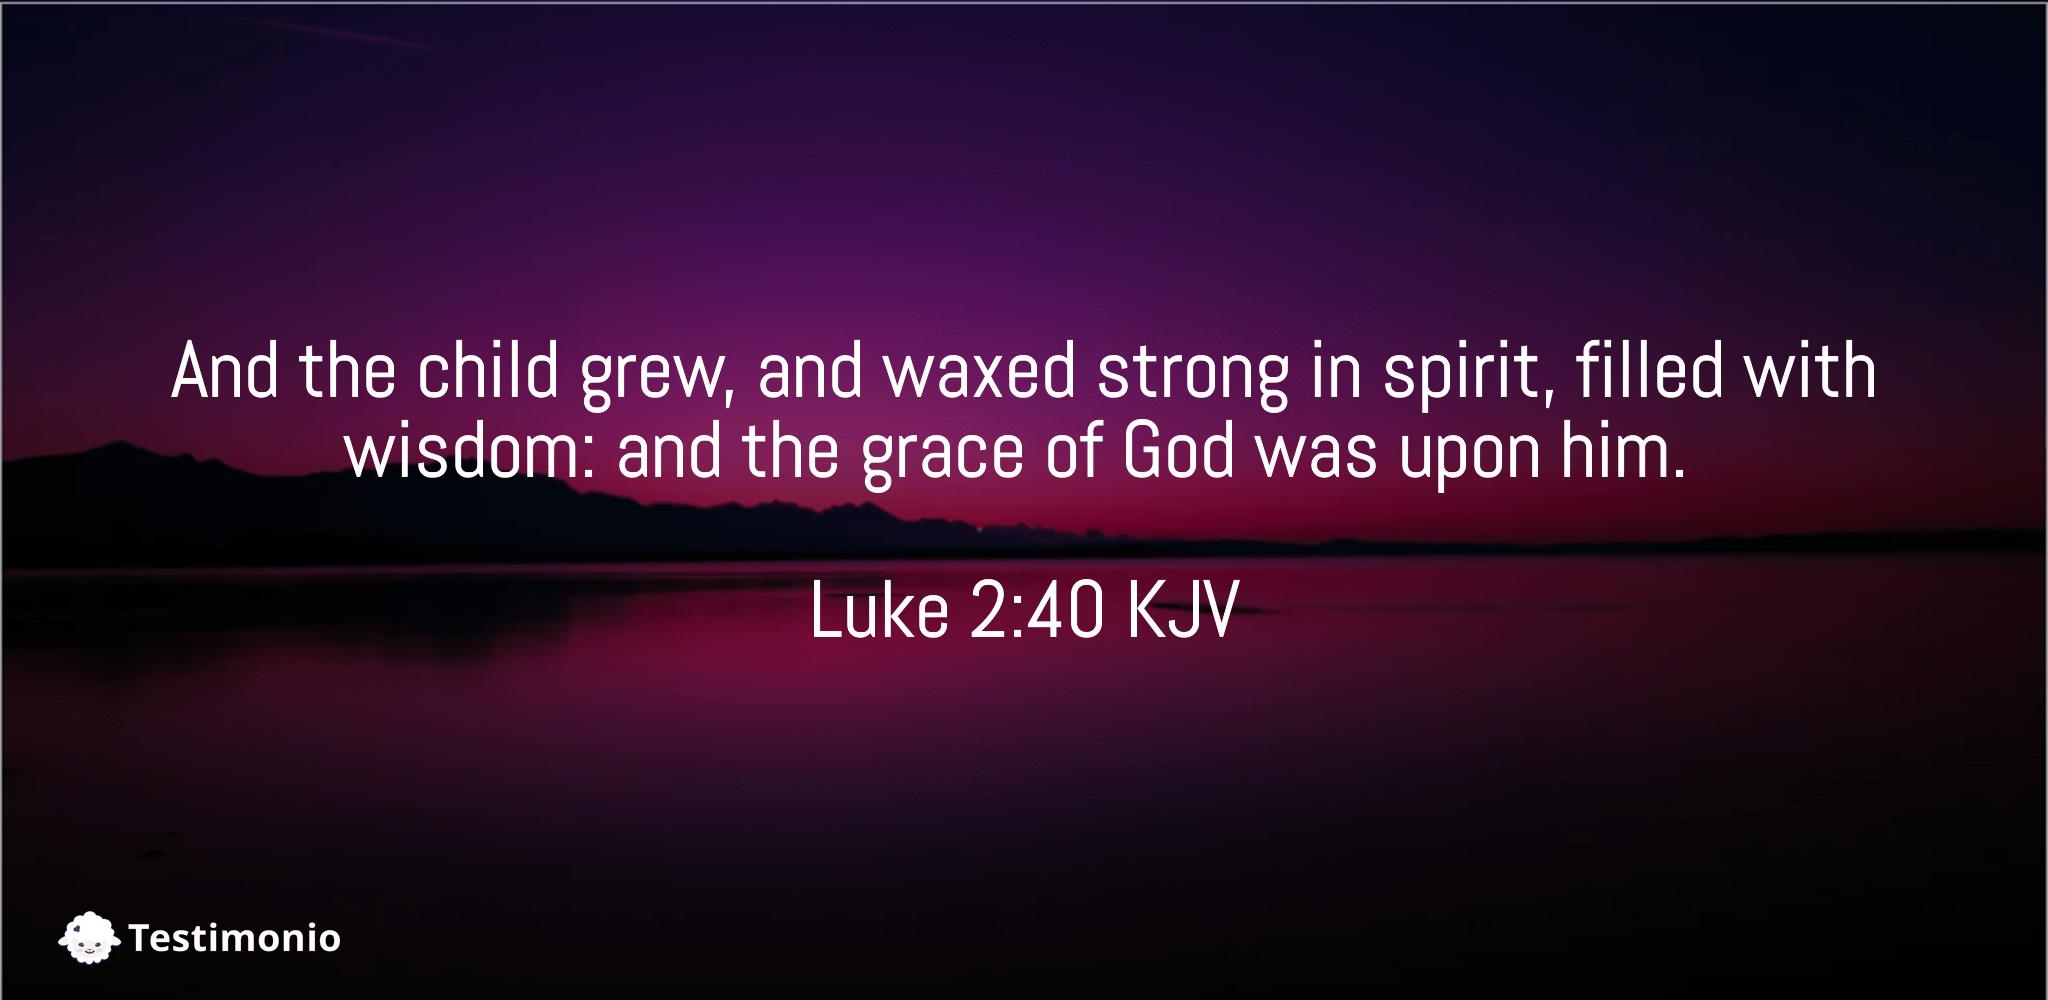 Luke 2:40